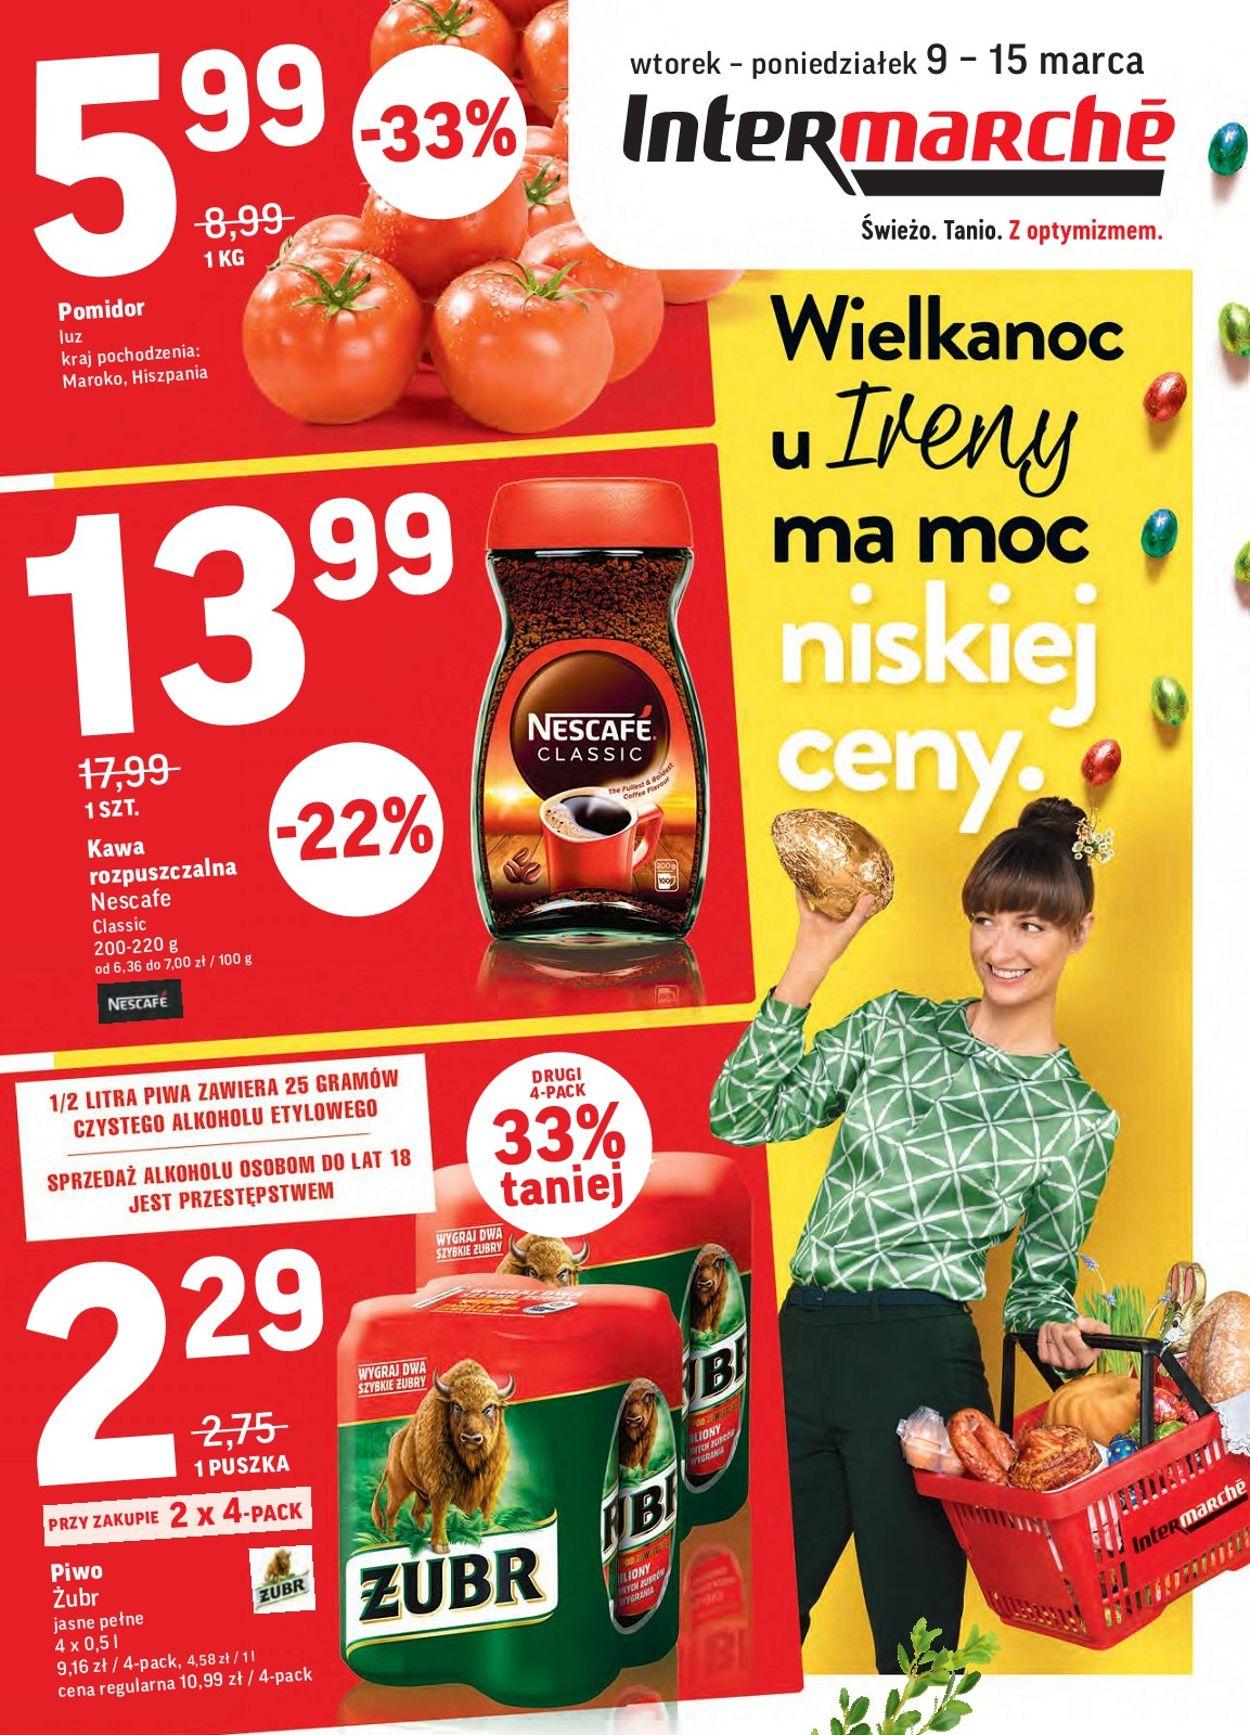 Gazetka promocyjna Intermarché - 09.03-15.03.2021